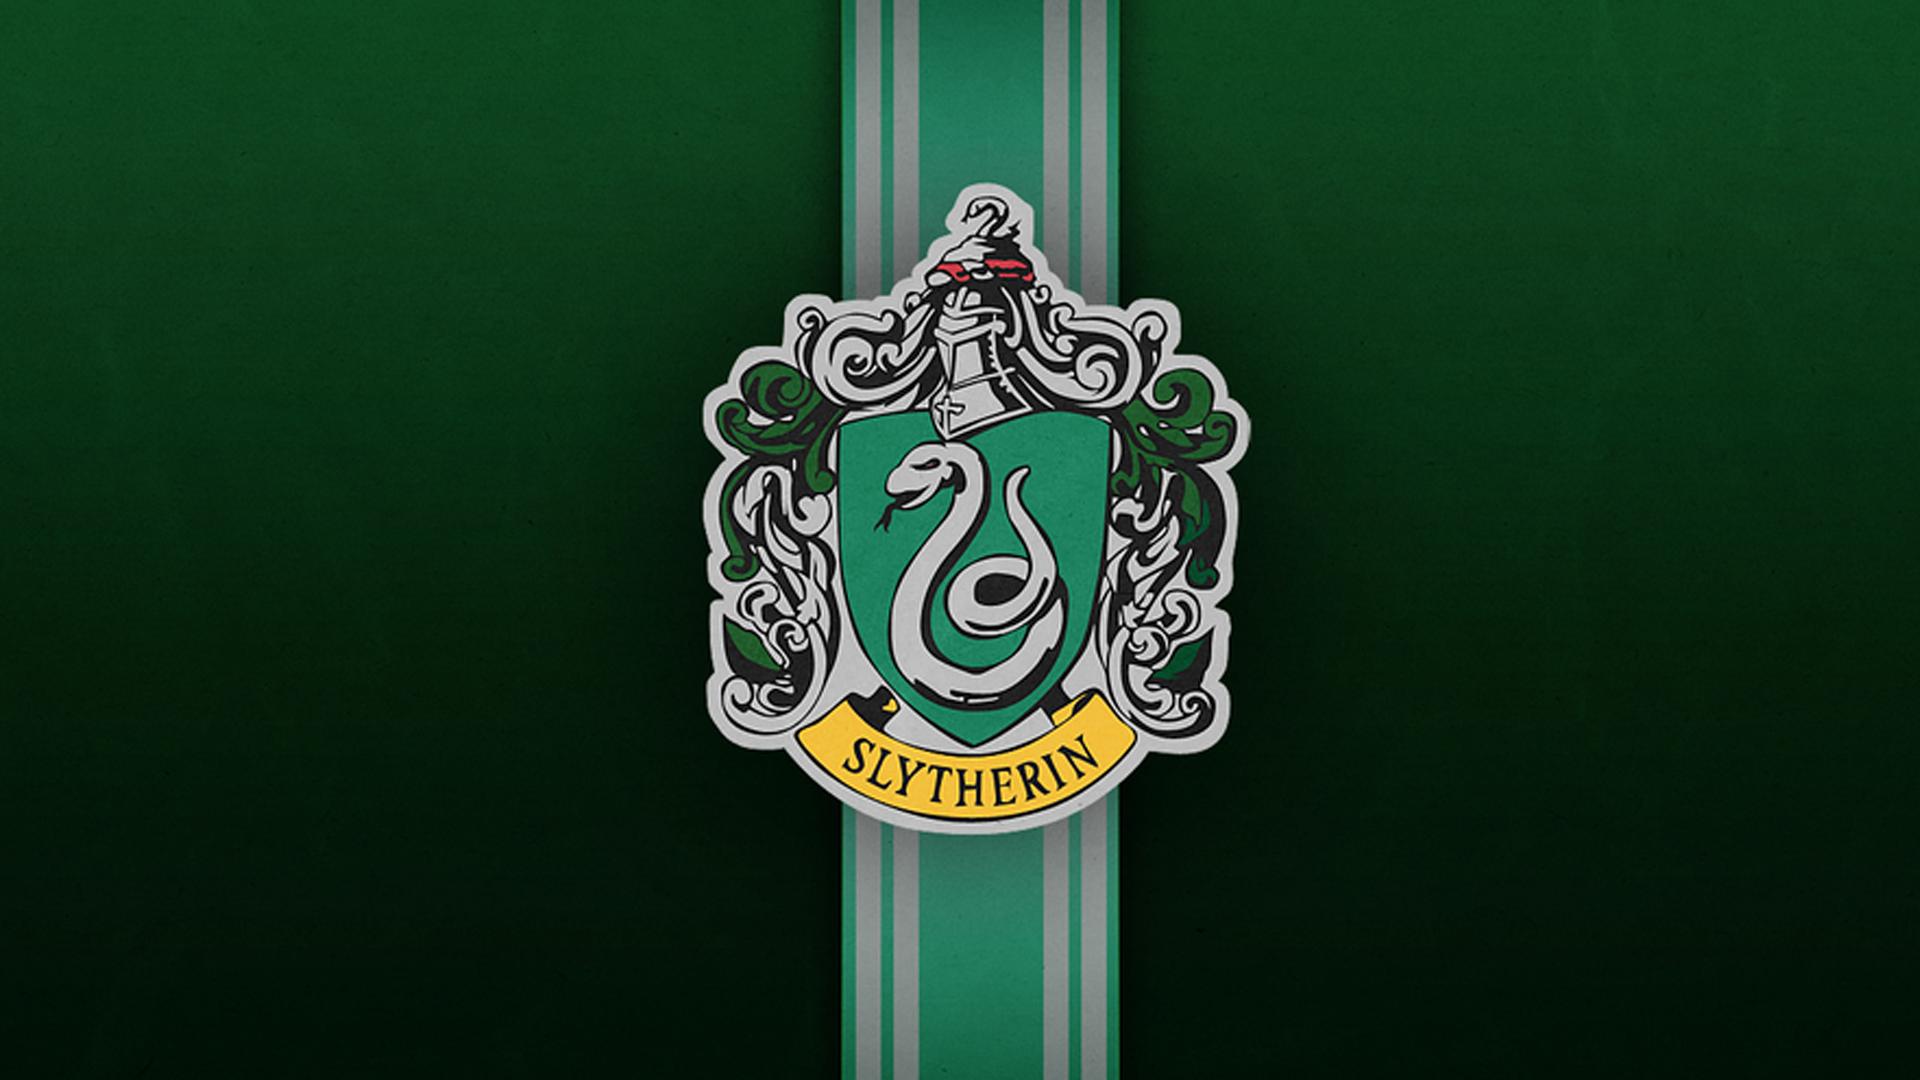 General 1920x1080 Slytherin Sonserina Harry Potter